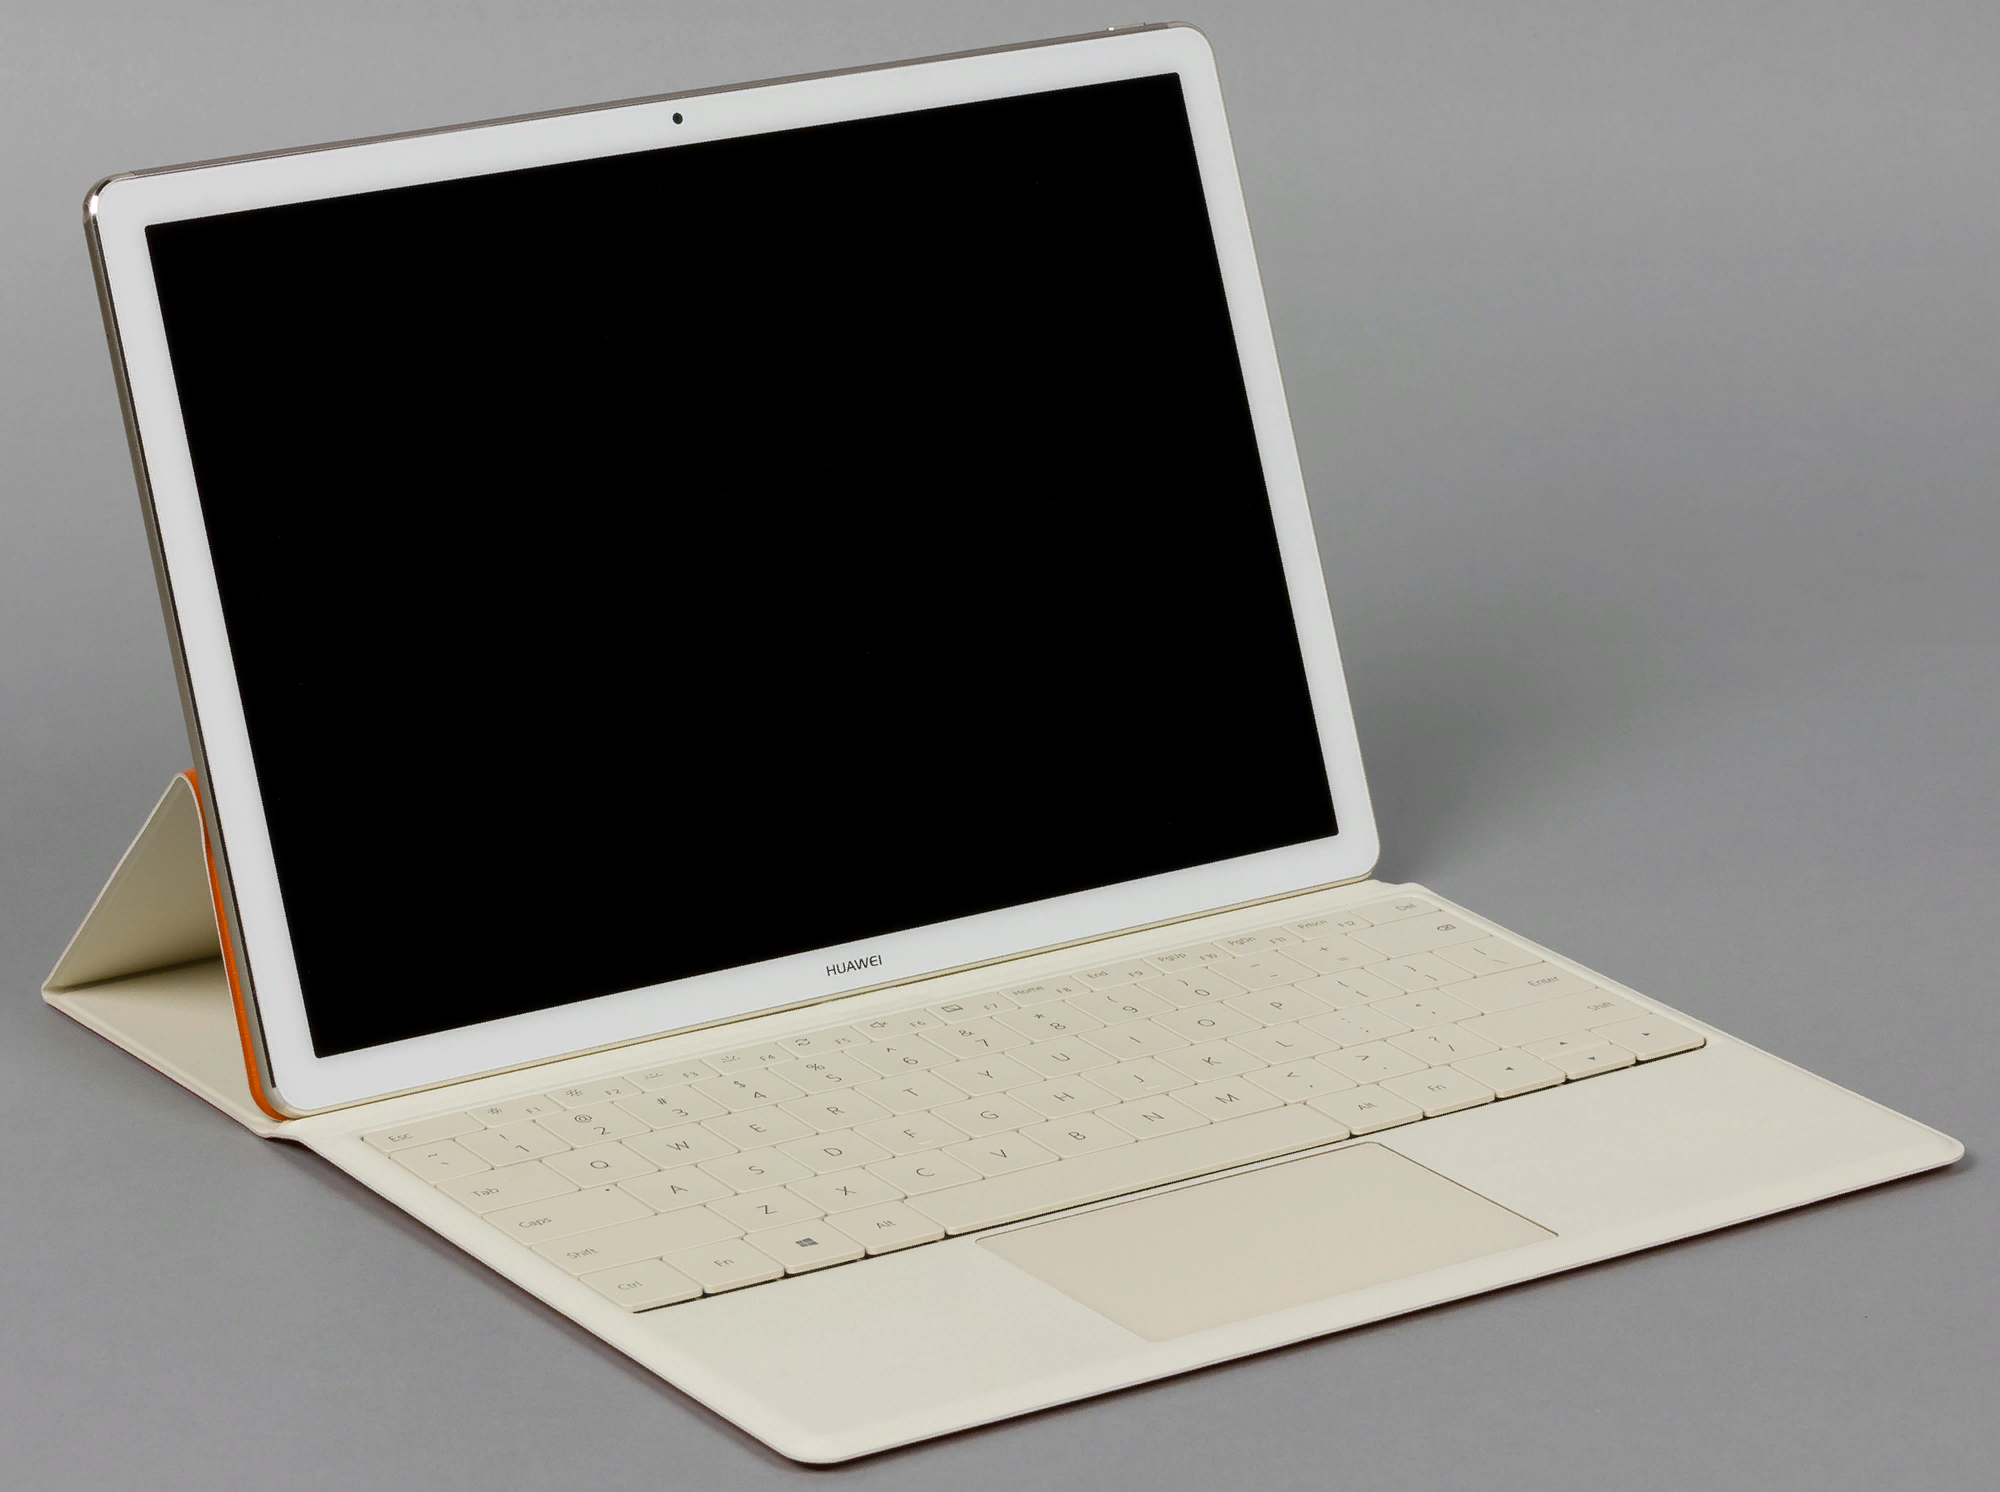 Рис. 1. Matebook 128Gb – планшетный ПК с комплектной клавиатурой и мощным ЦПУ.